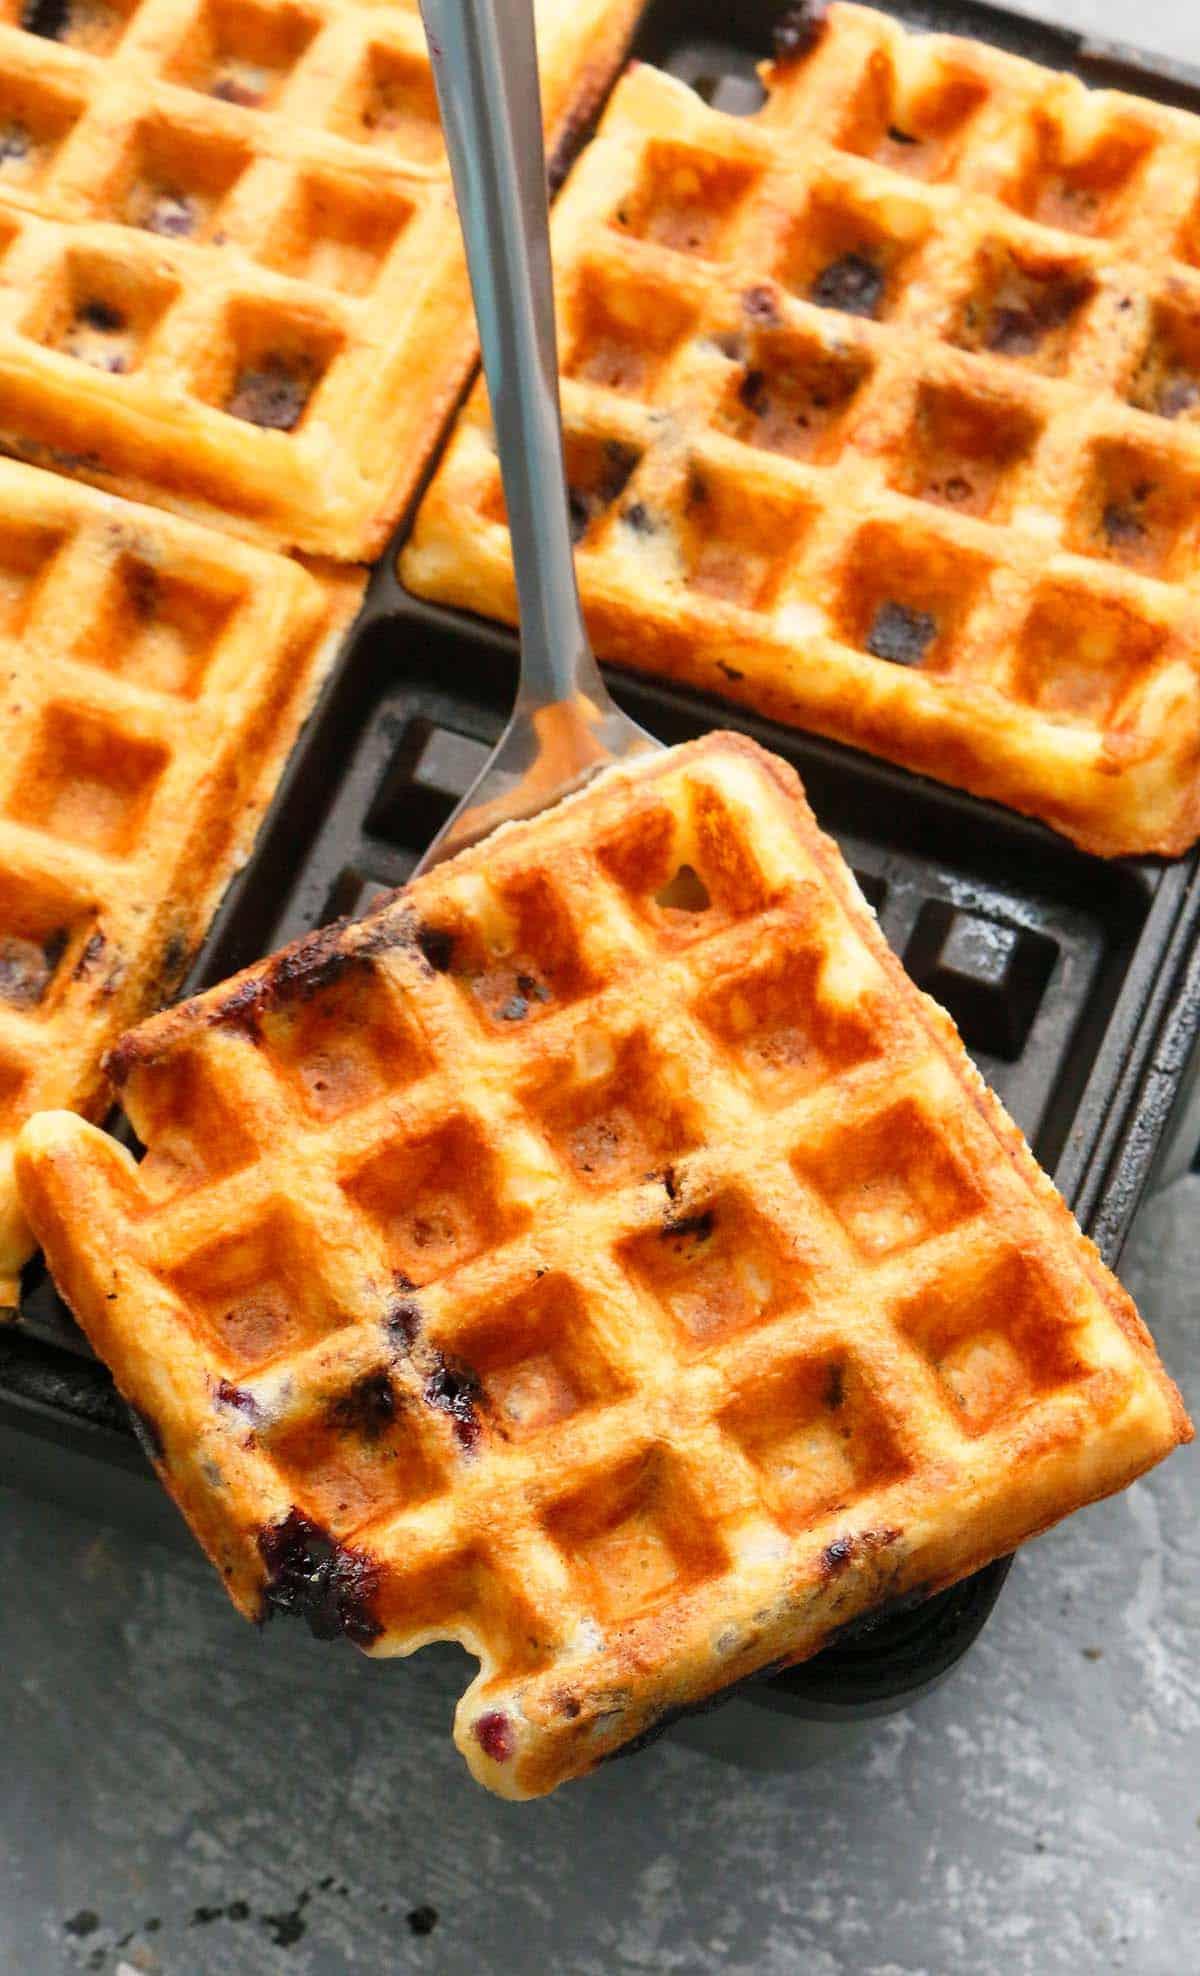 hot blueberry waffles on a waffle iron